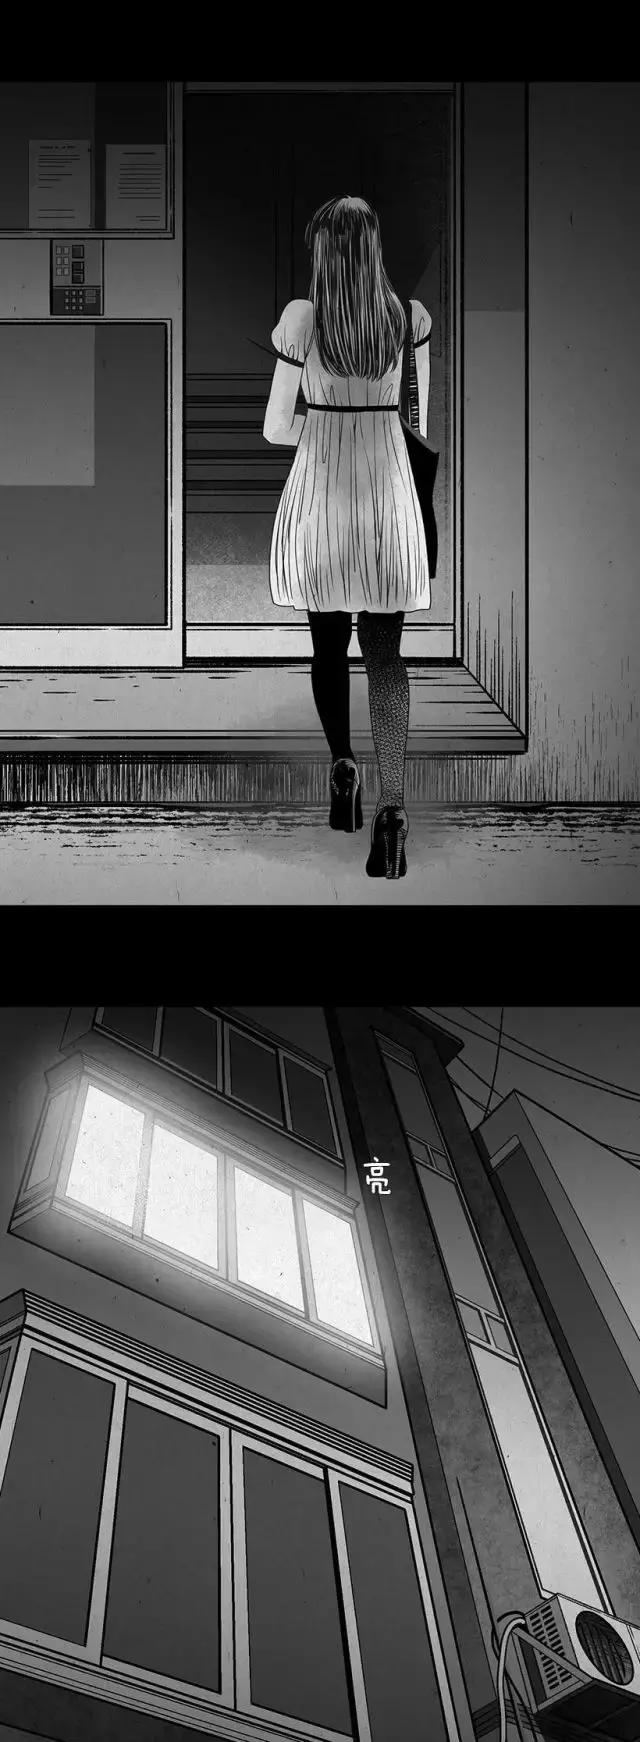 漫画:深夜变态的偷窥者 | 水晶鞋